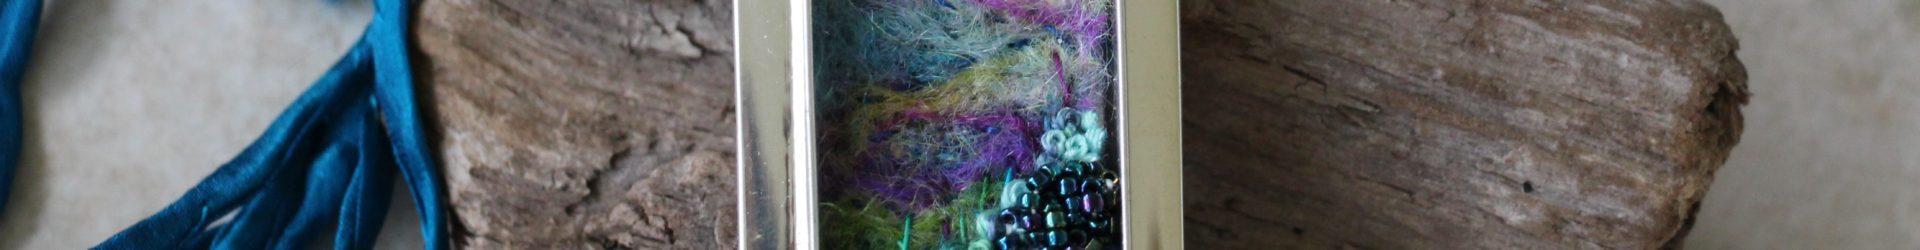 Beads and Felt: A sumptuous affair!